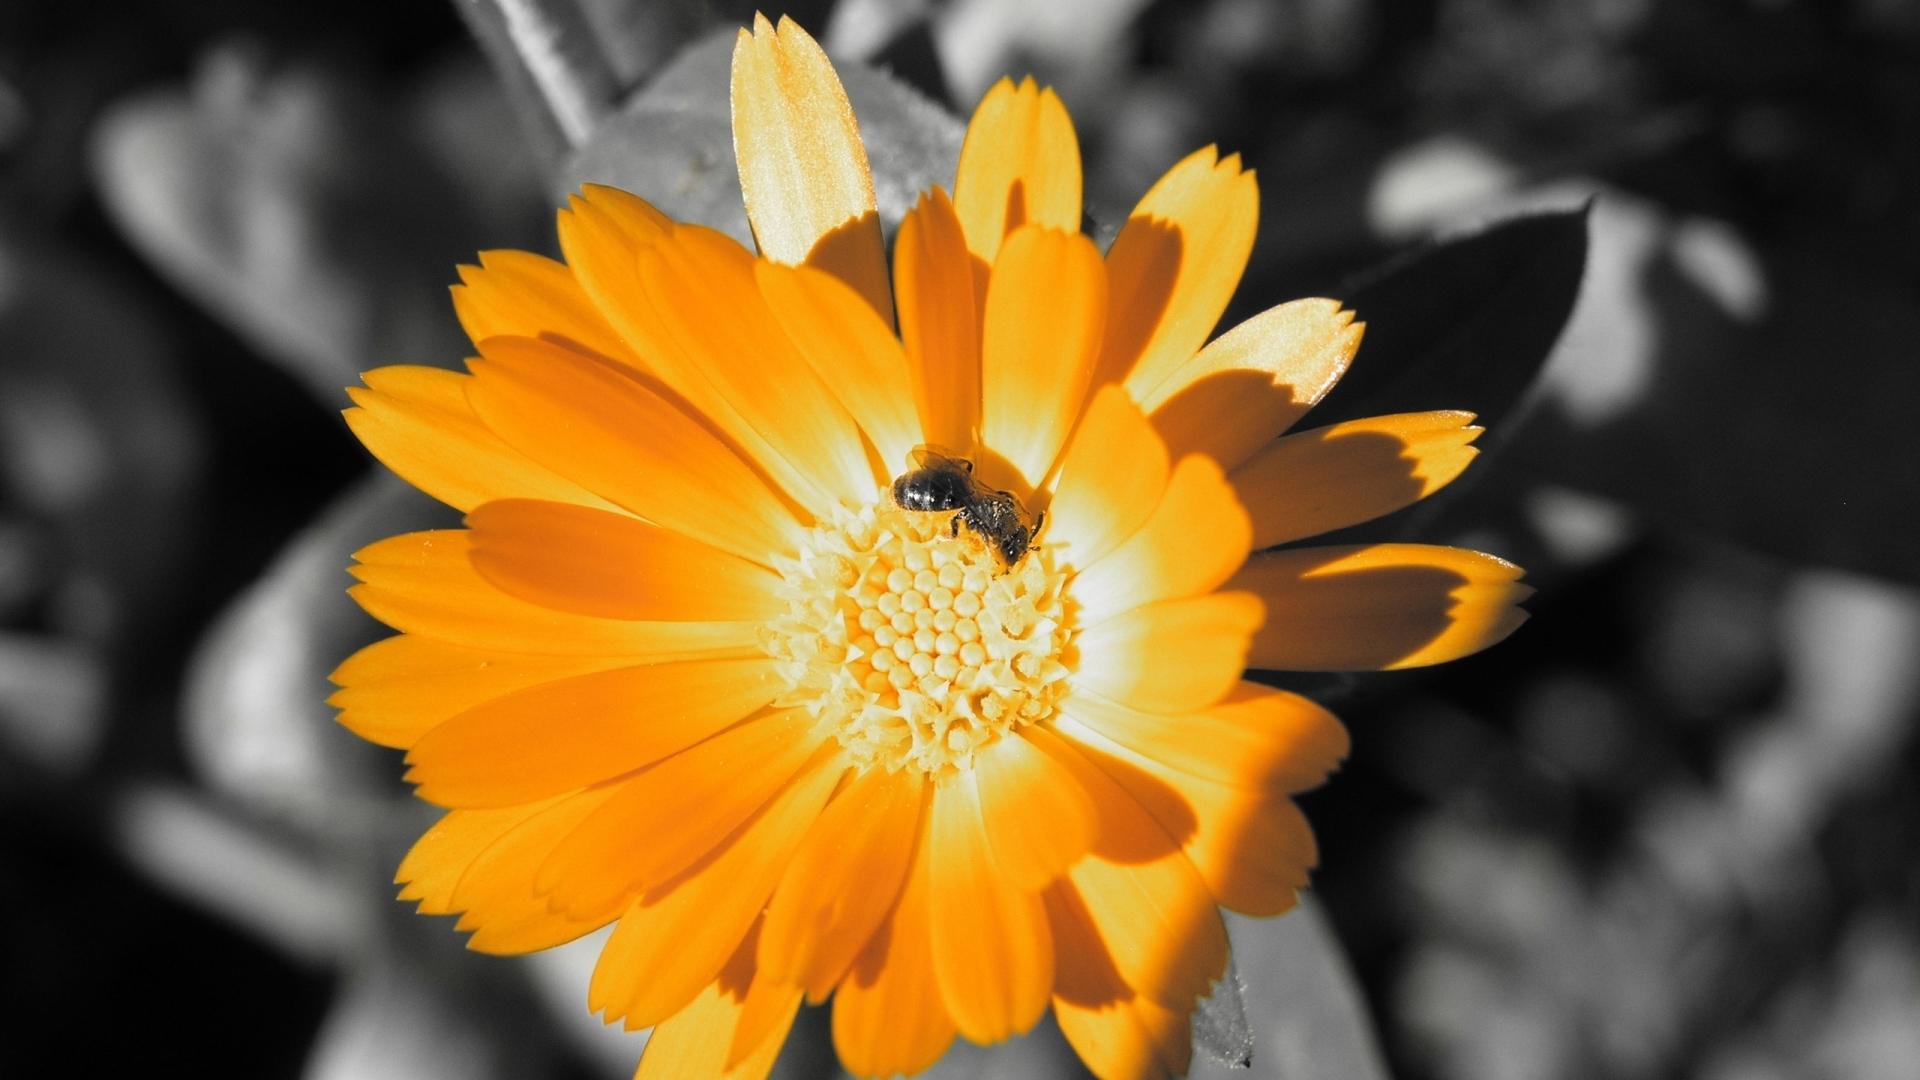 6571 скачать обои Растения, Цветы - заставки и картинки бесплатно